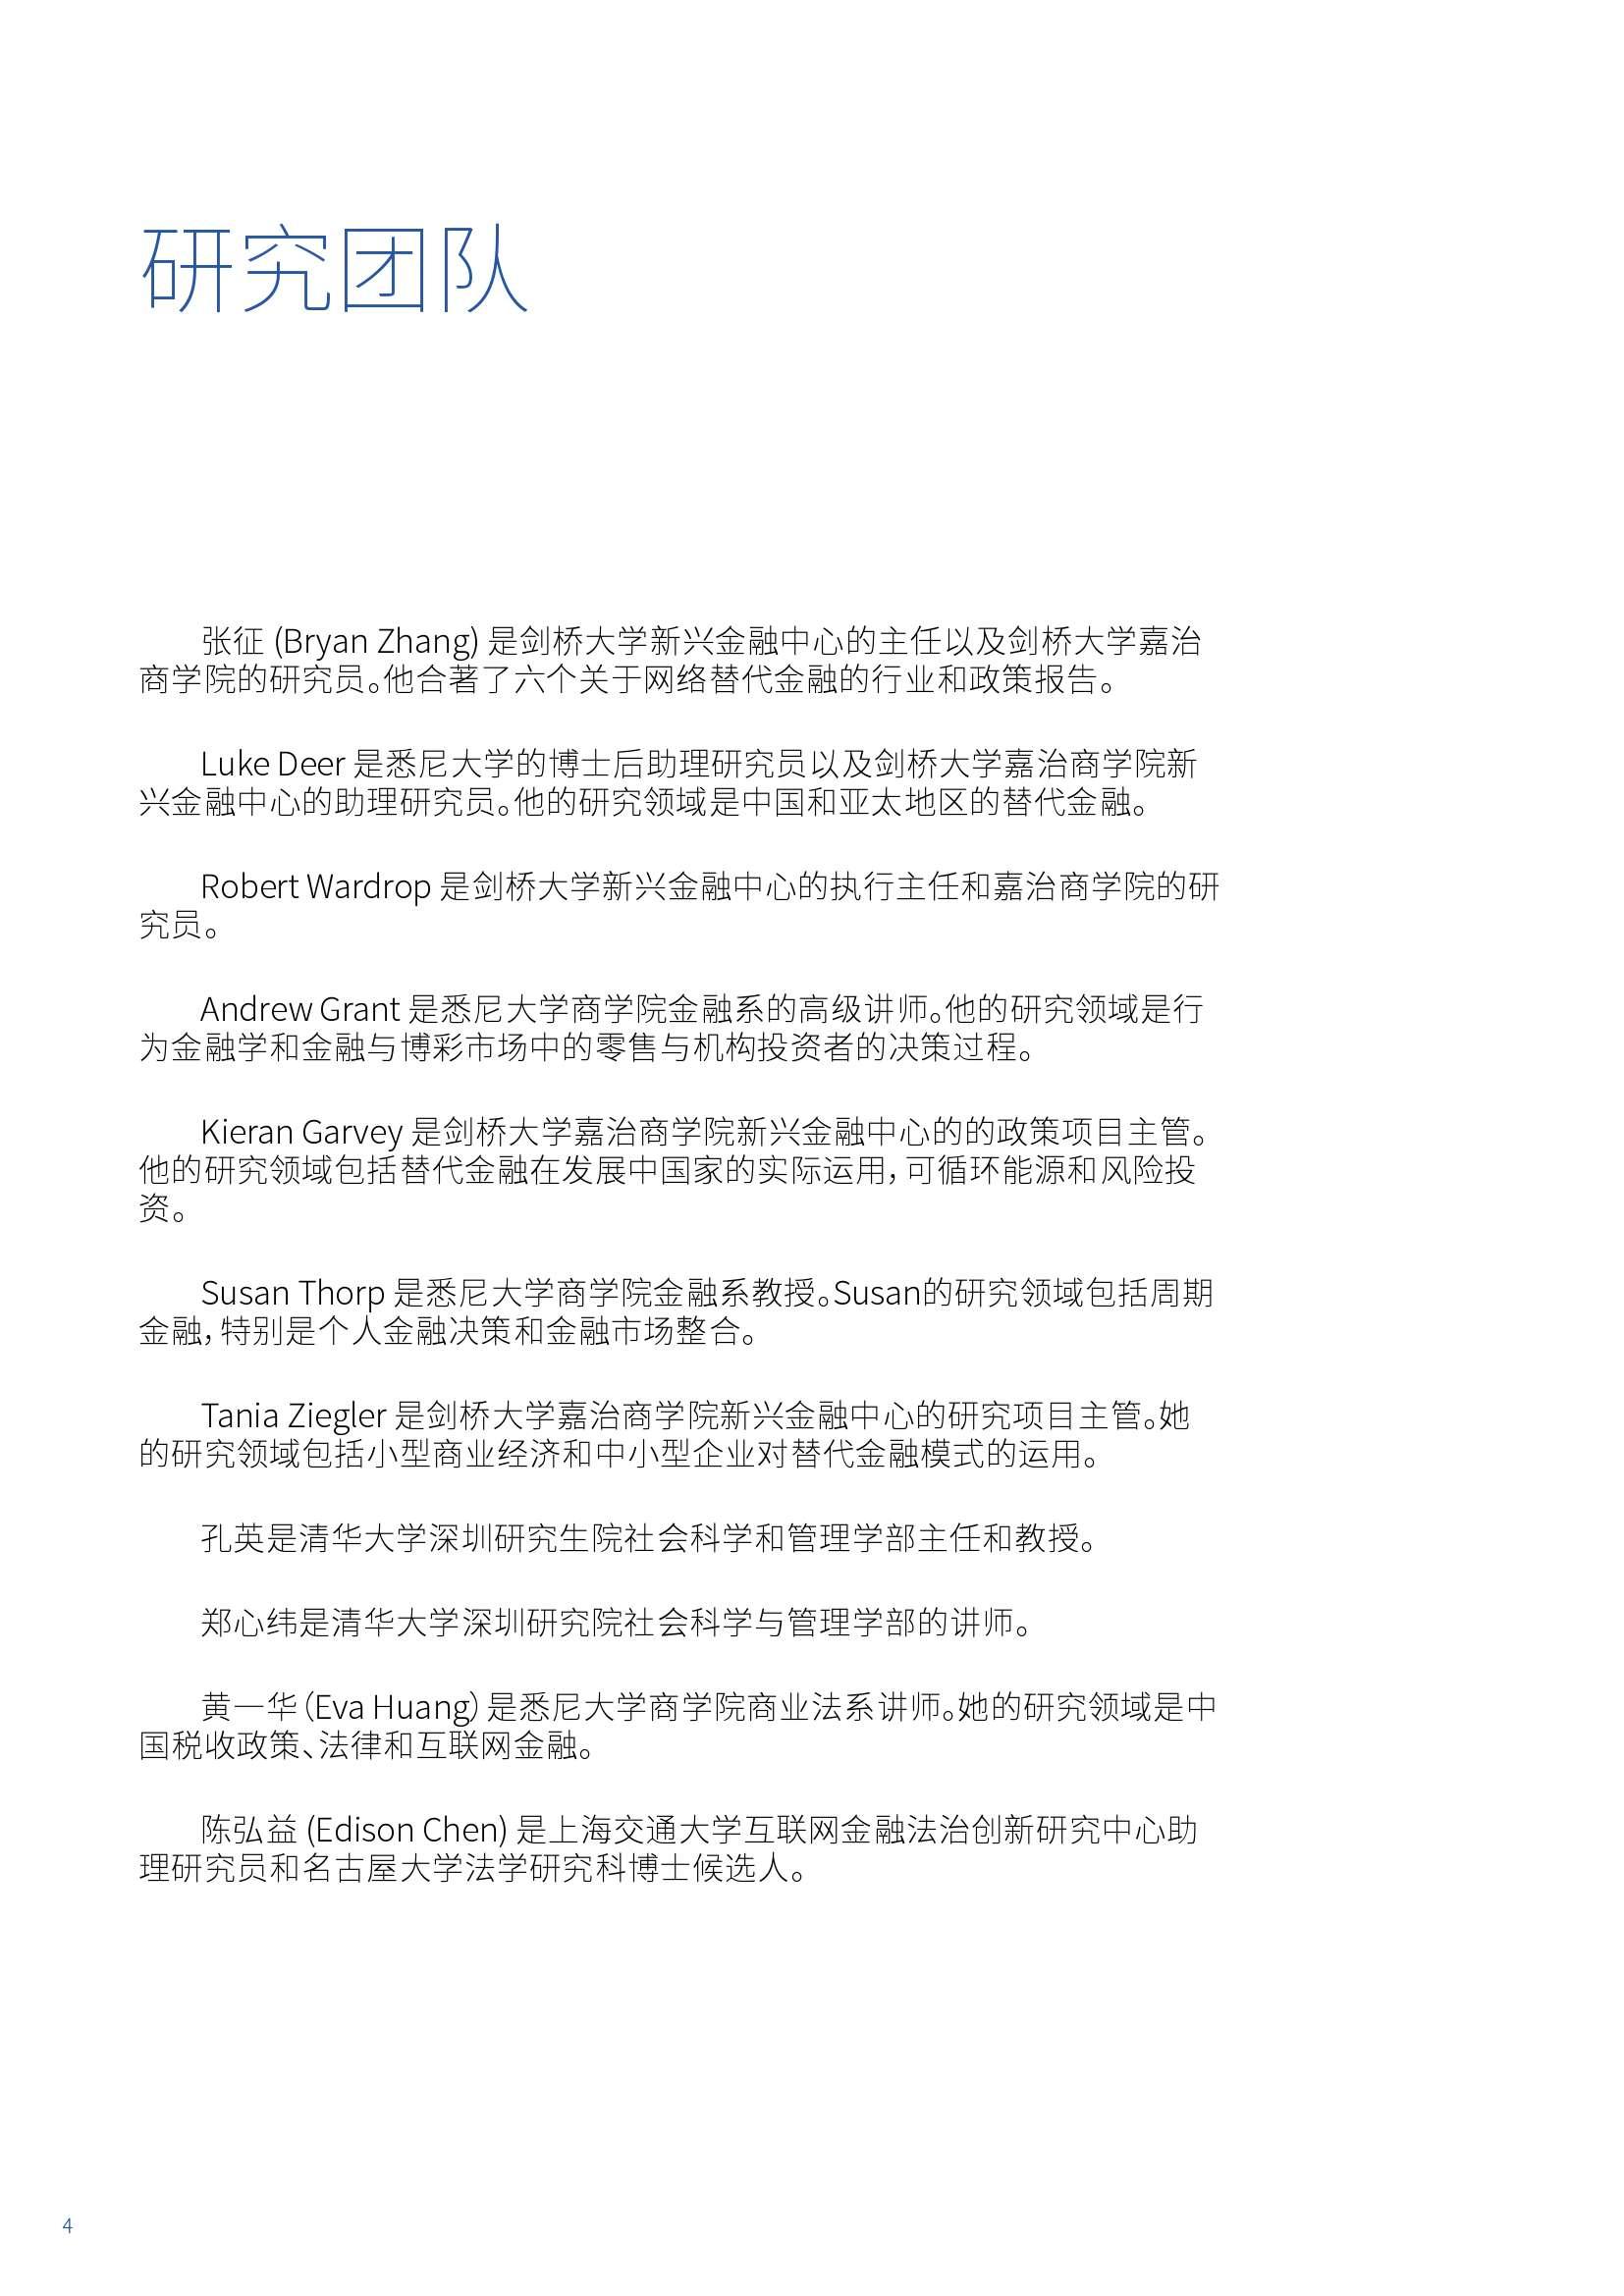 亚太地区网络替代金融基准报告_000004